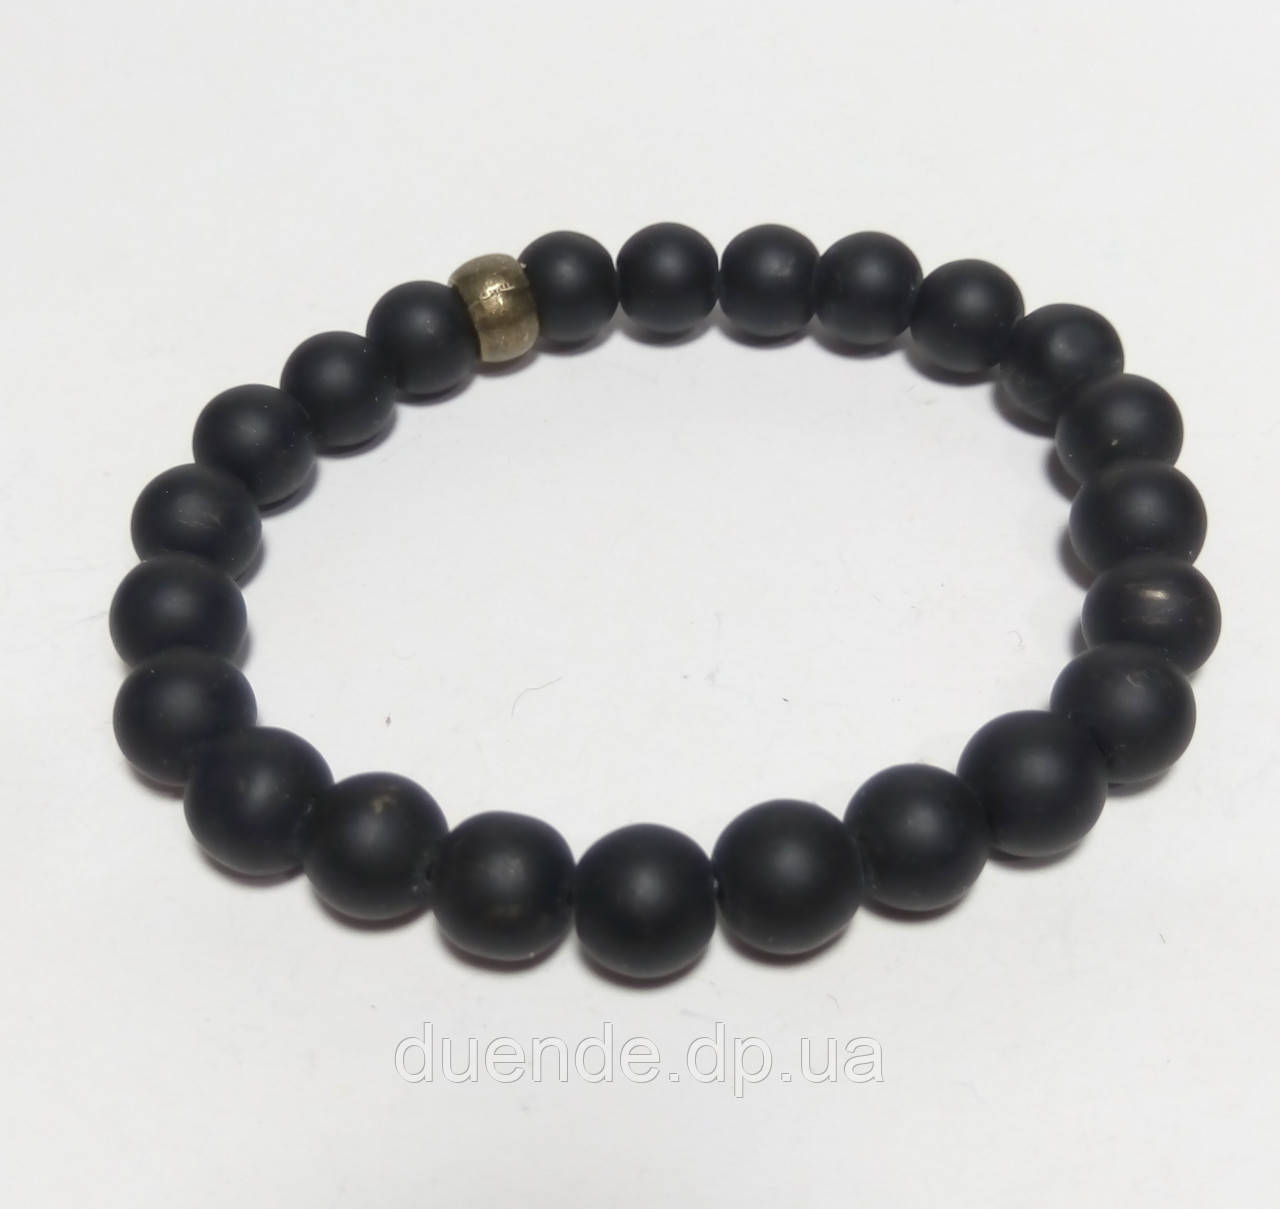 Браслет Шунгітовий натуральний камінь, колір чорний, тм Satori \ Sb - 0021